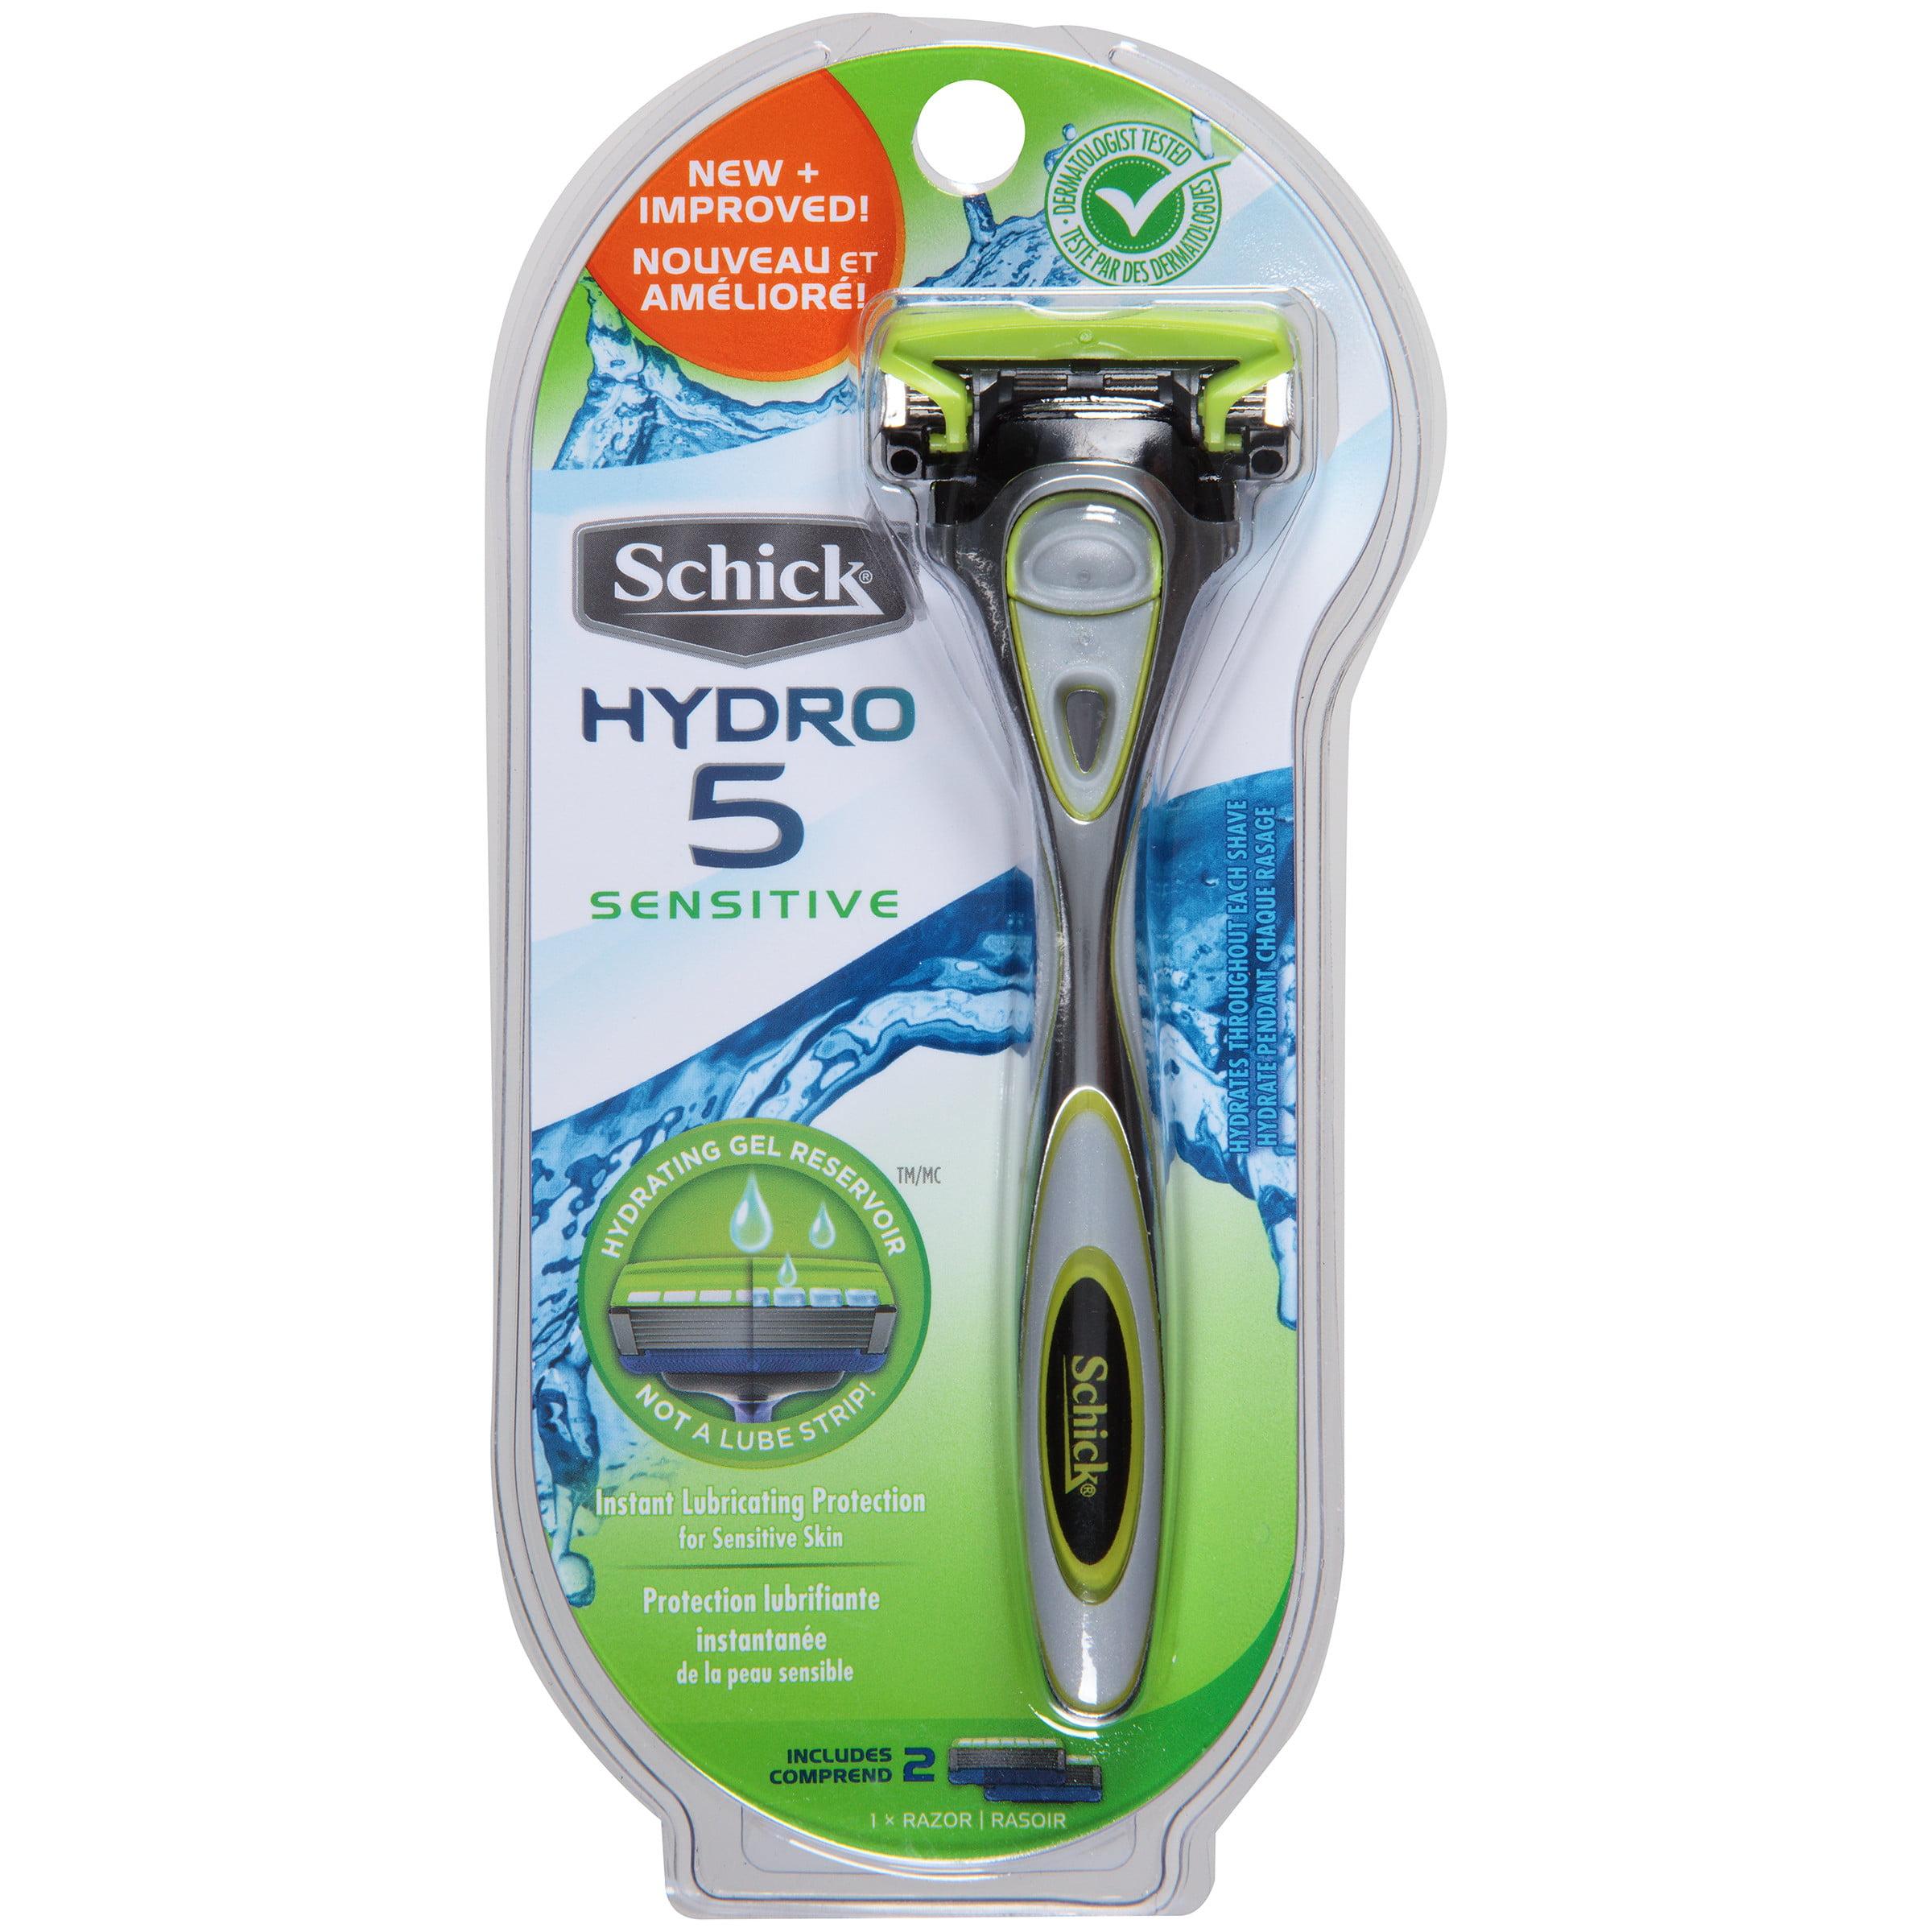 Schick Hydro 5 Sensitive Men's Razor - 1 Razor Handle Plus 2 Refill Razor Blades